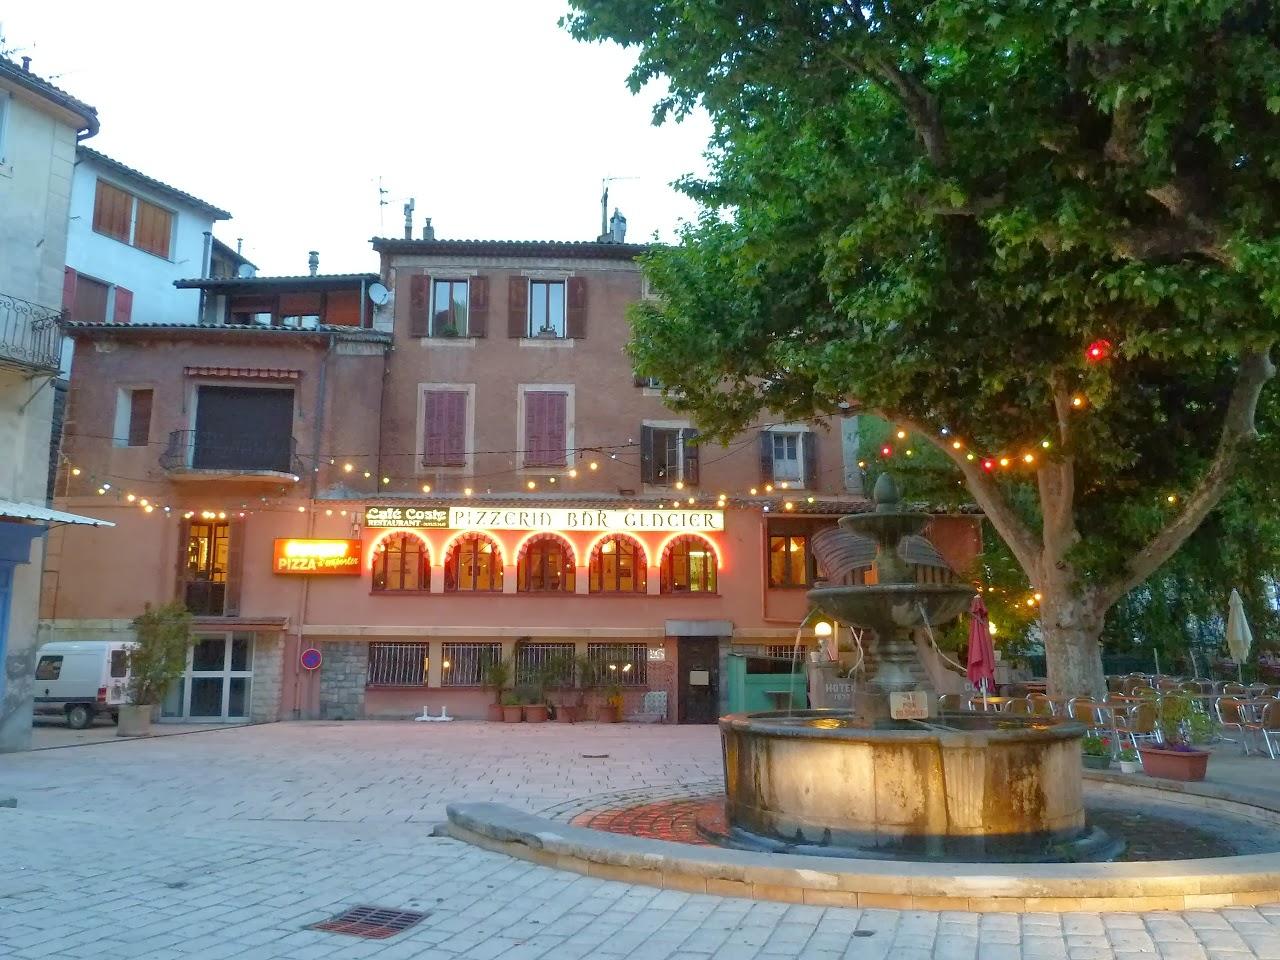 Mis viajes en moto viaje al sur de italia costa francesa - La provenza italiana ...